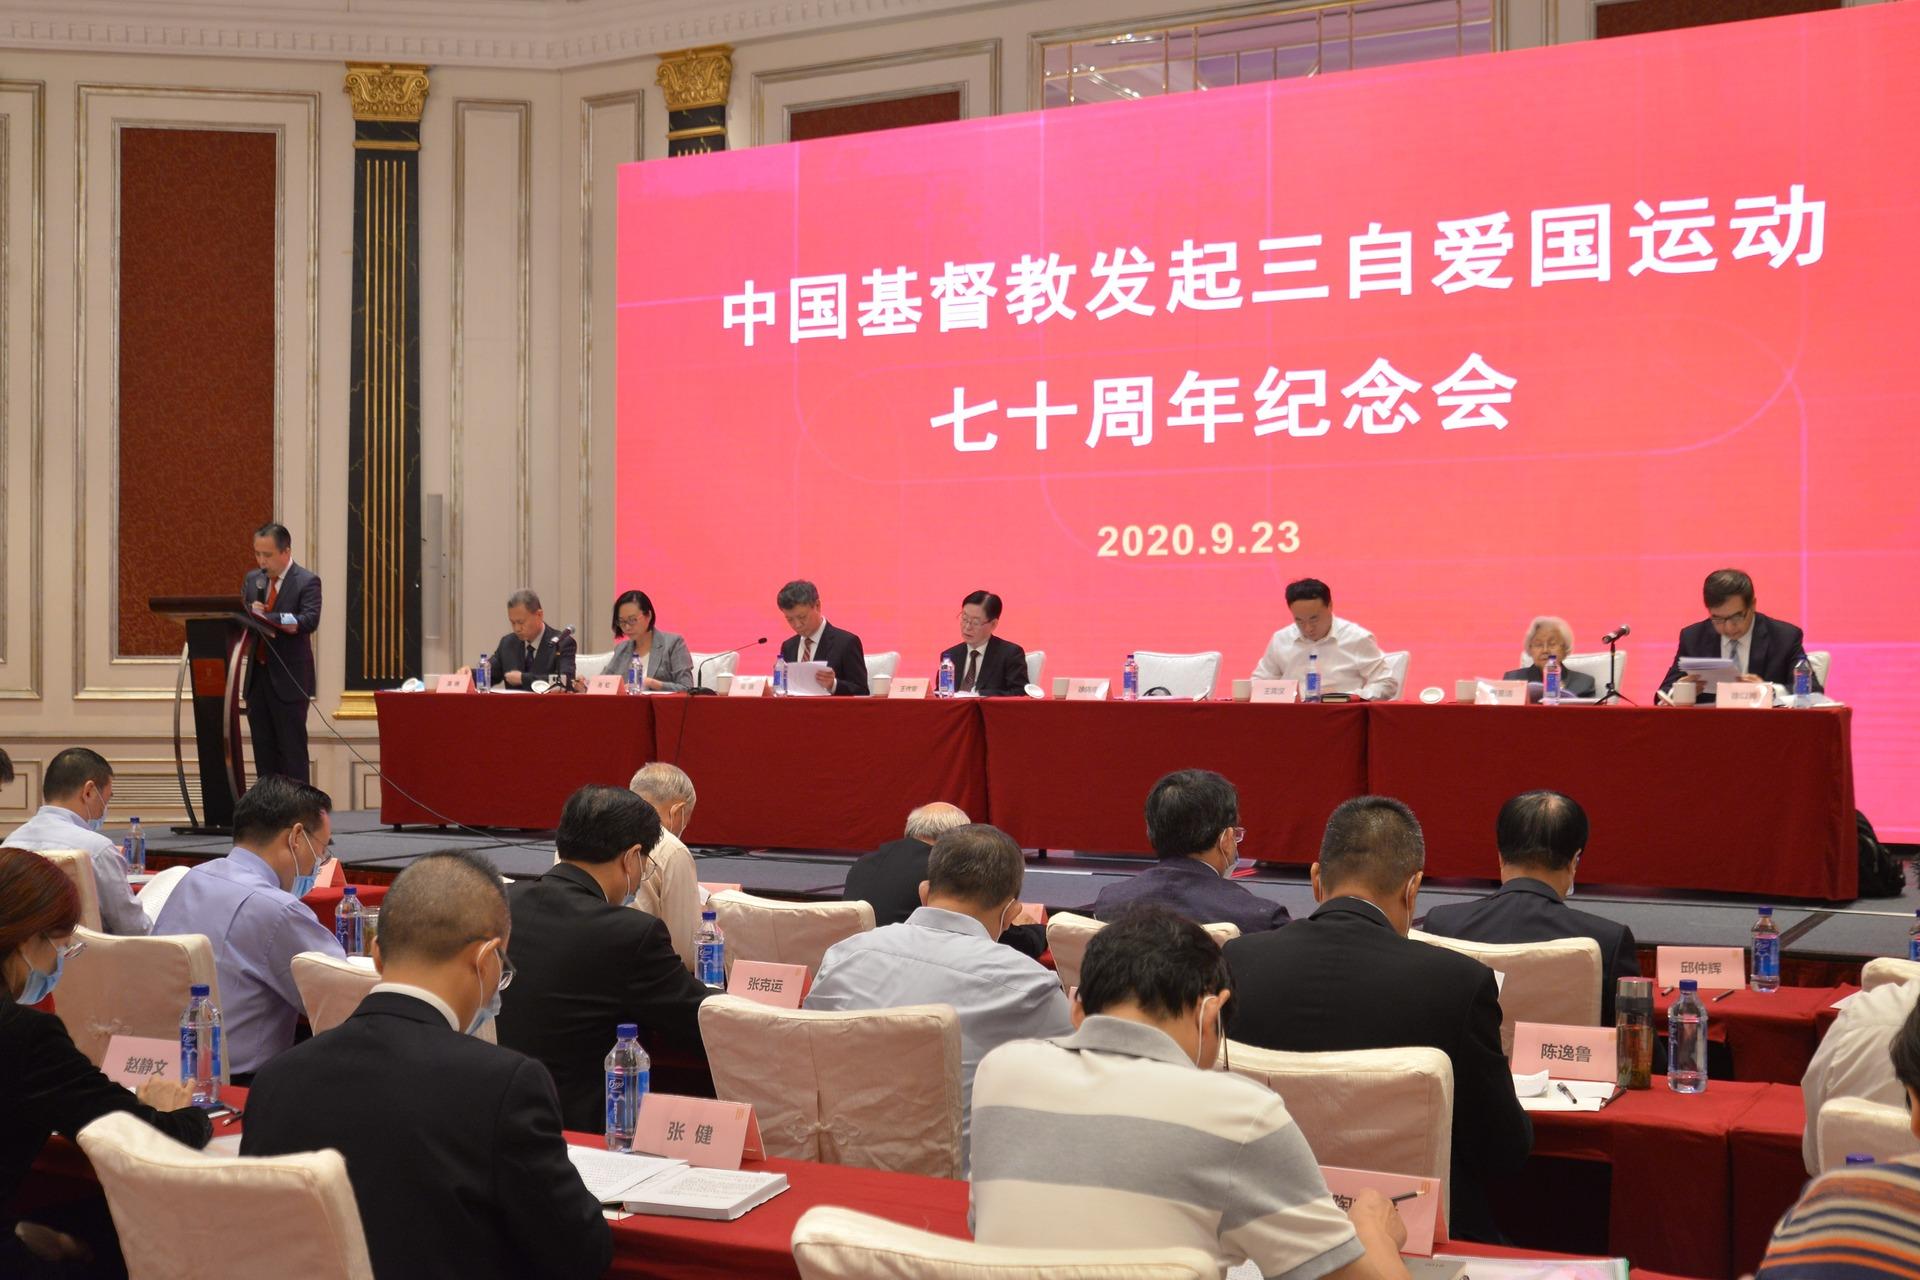 坚持中国化方向, 弘扬爱国爱教传统, 办好新时代的中国教会